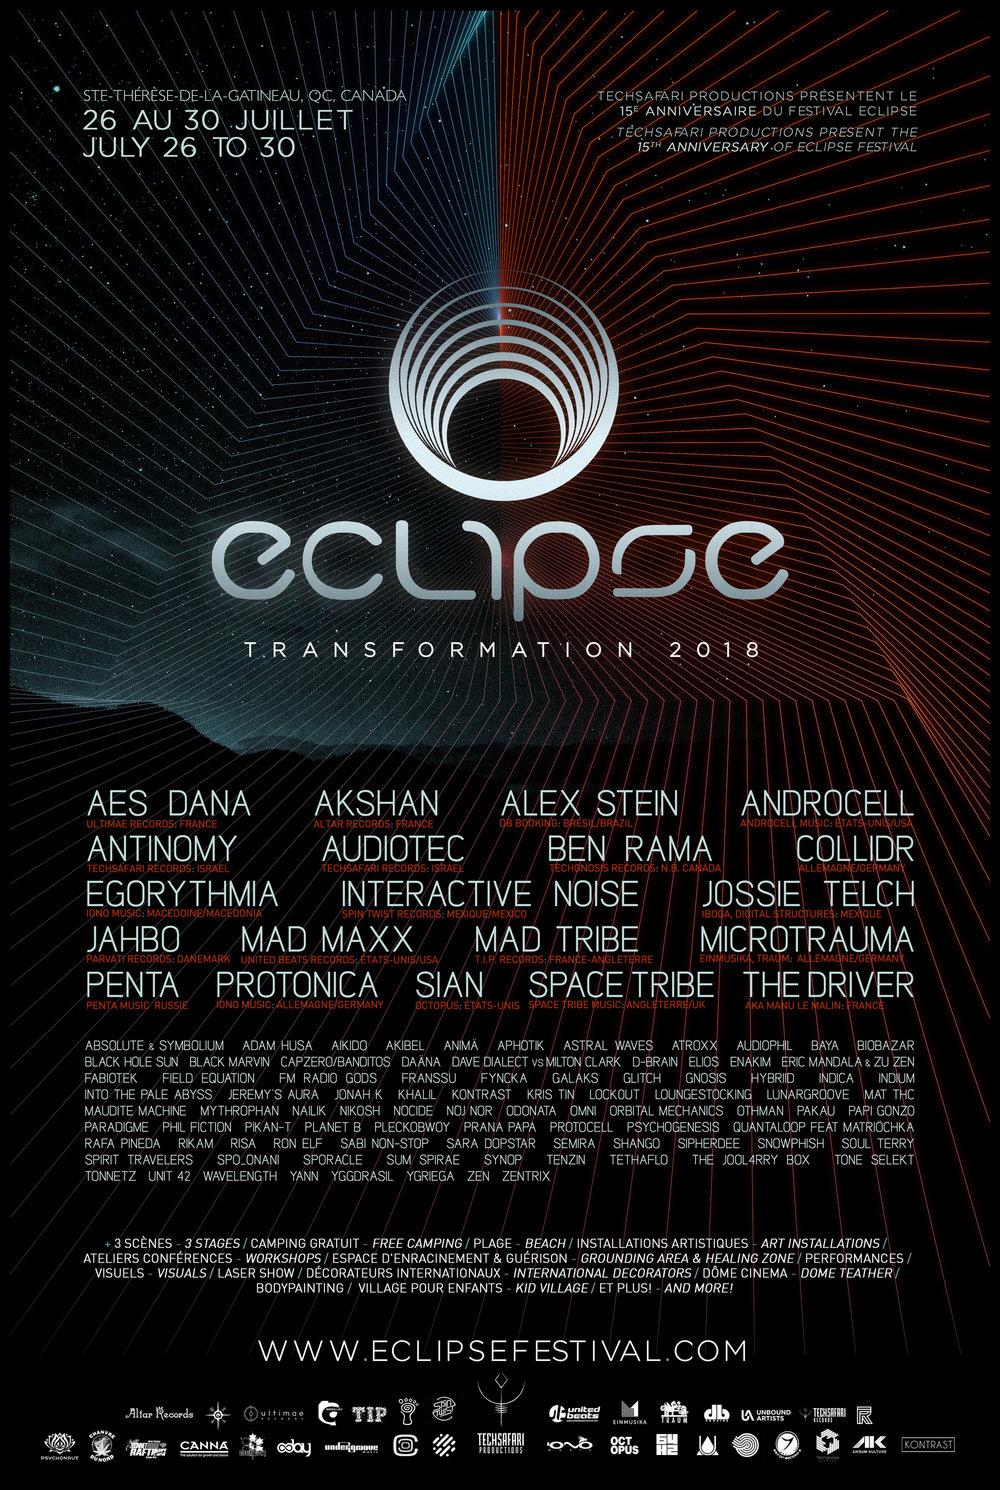 Poster_Eclipse2018_Finalll.jpg